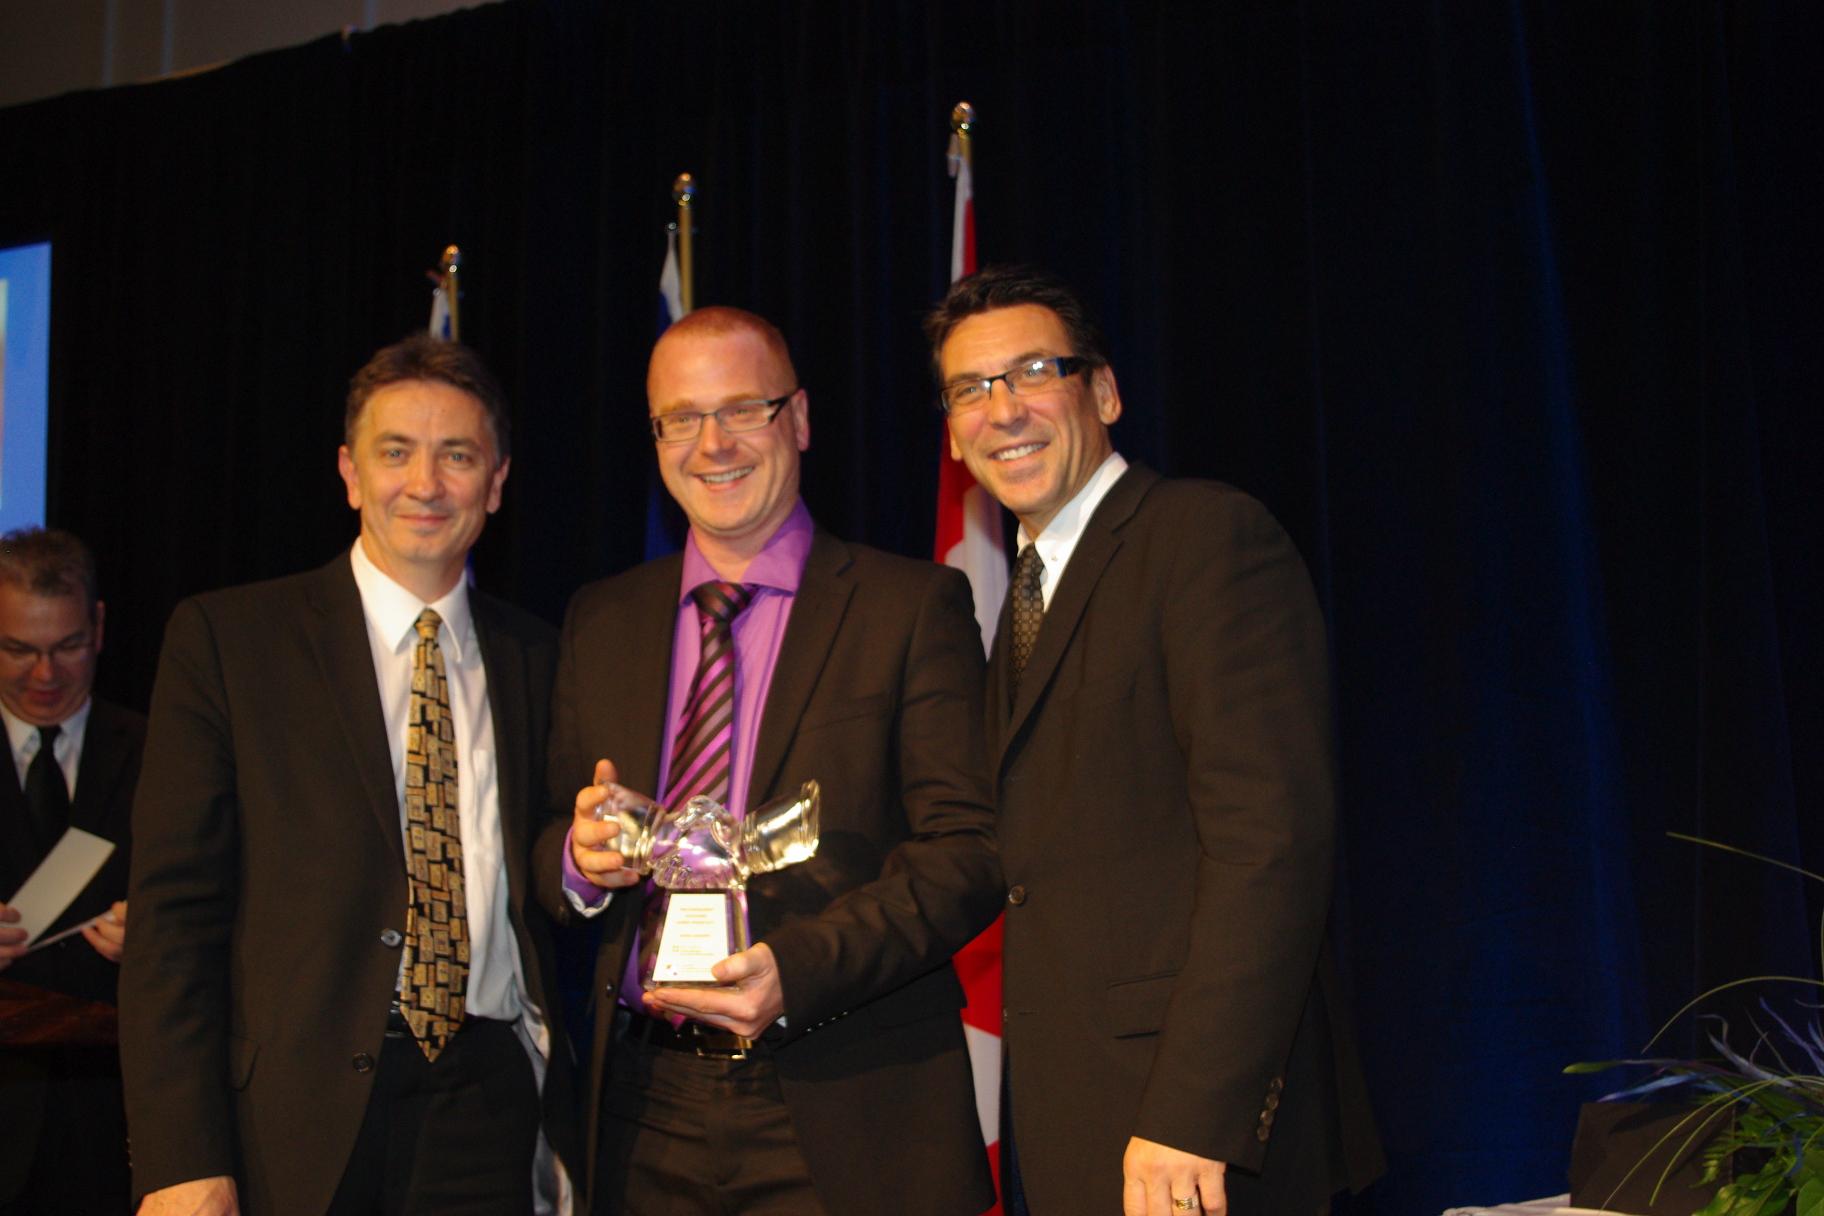 Quebecomm, prix d'Excellence en affaires Québec-France 2011